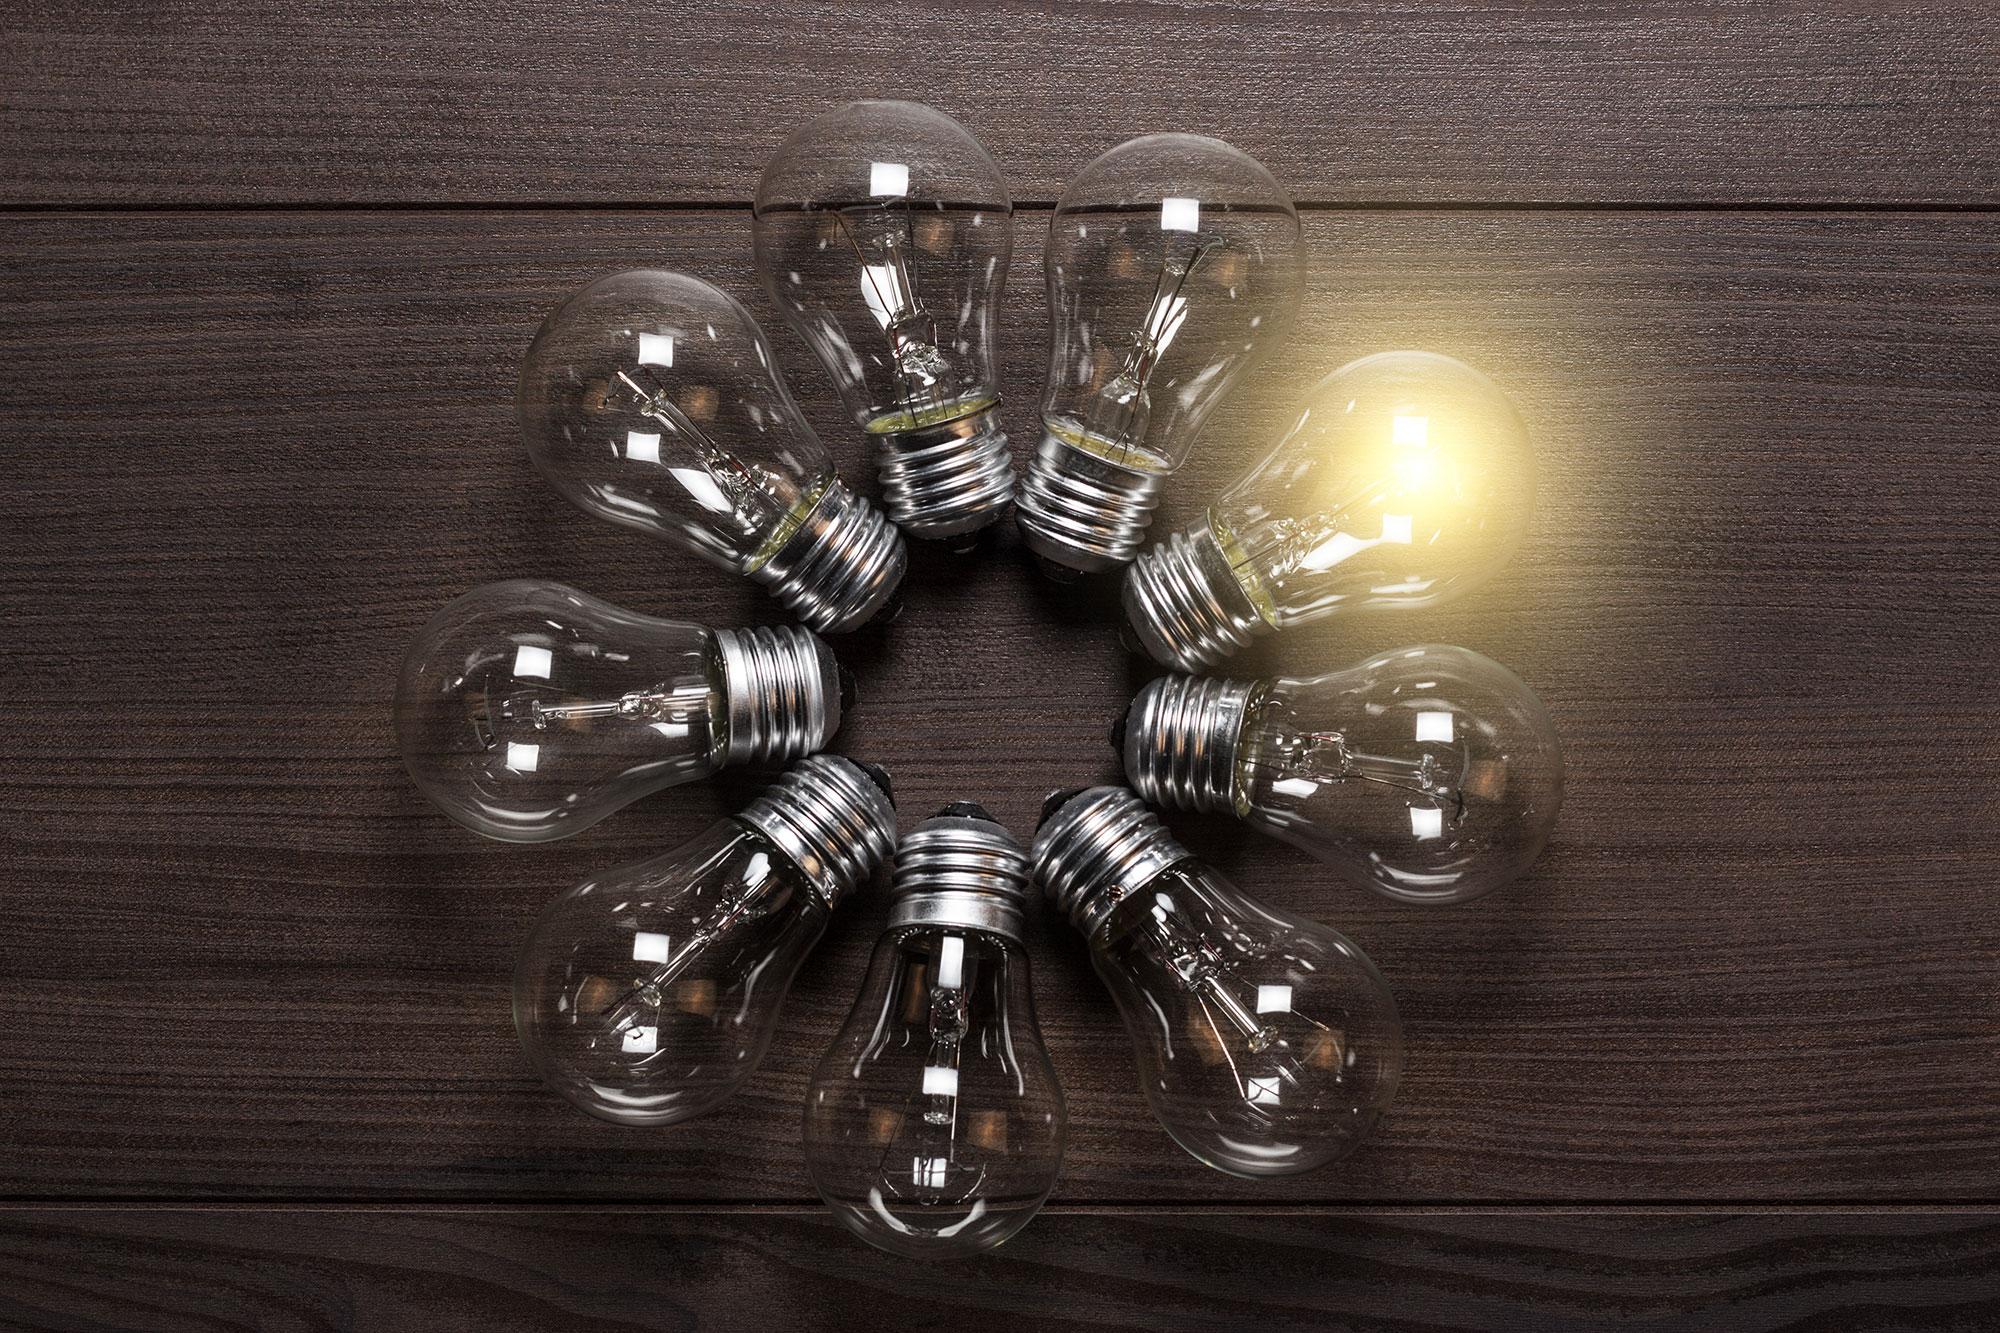 Les communautés d'énergie renouvelable, pour une meilleure consommation de l'énergie